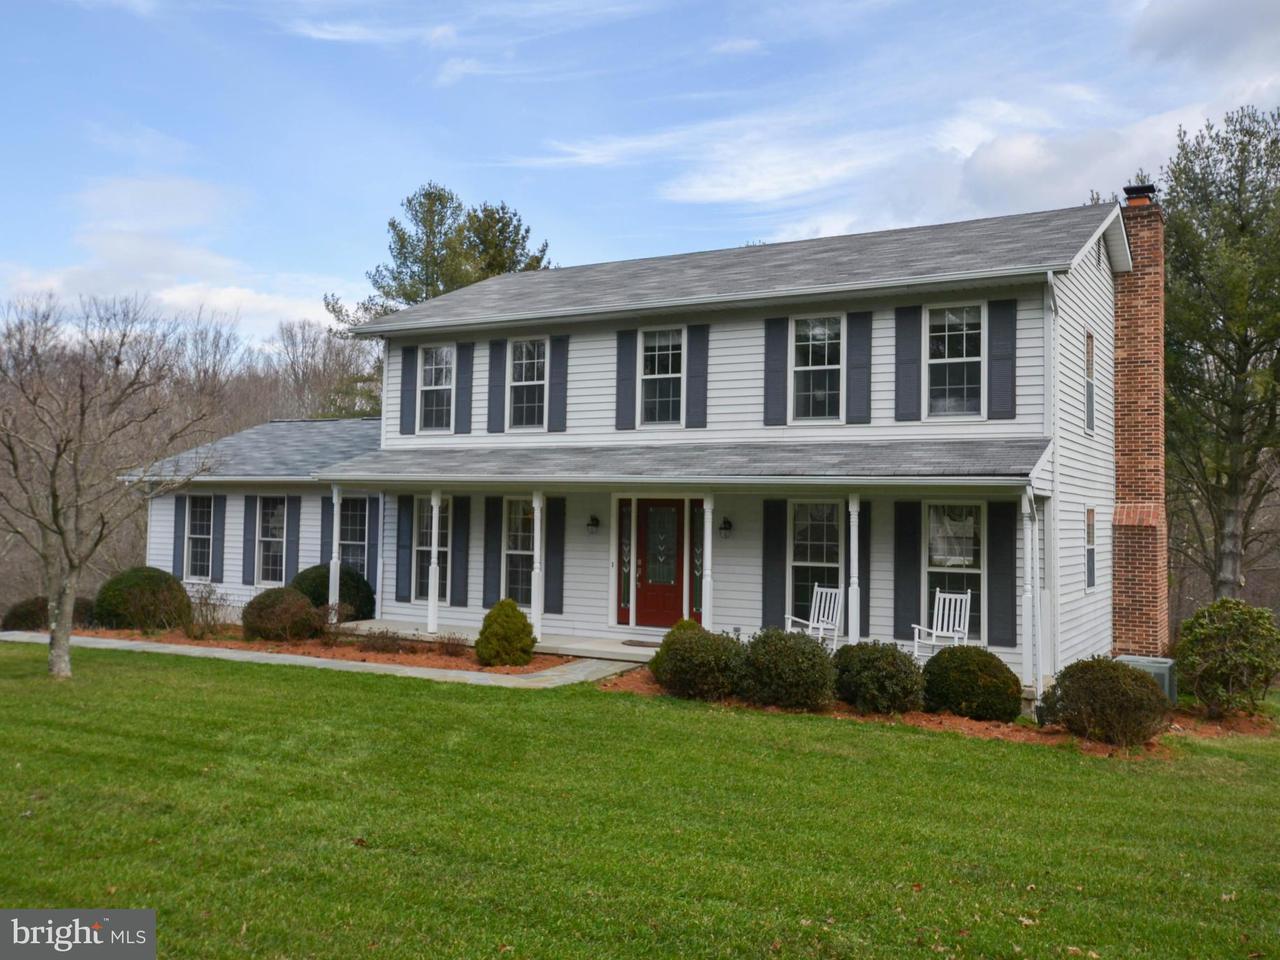 Casa Unifamiliar por un Venta en 4433 INDIGO Lane 4433 INDIGO Lane Harwood, Maryland 20776 Estados Unidos